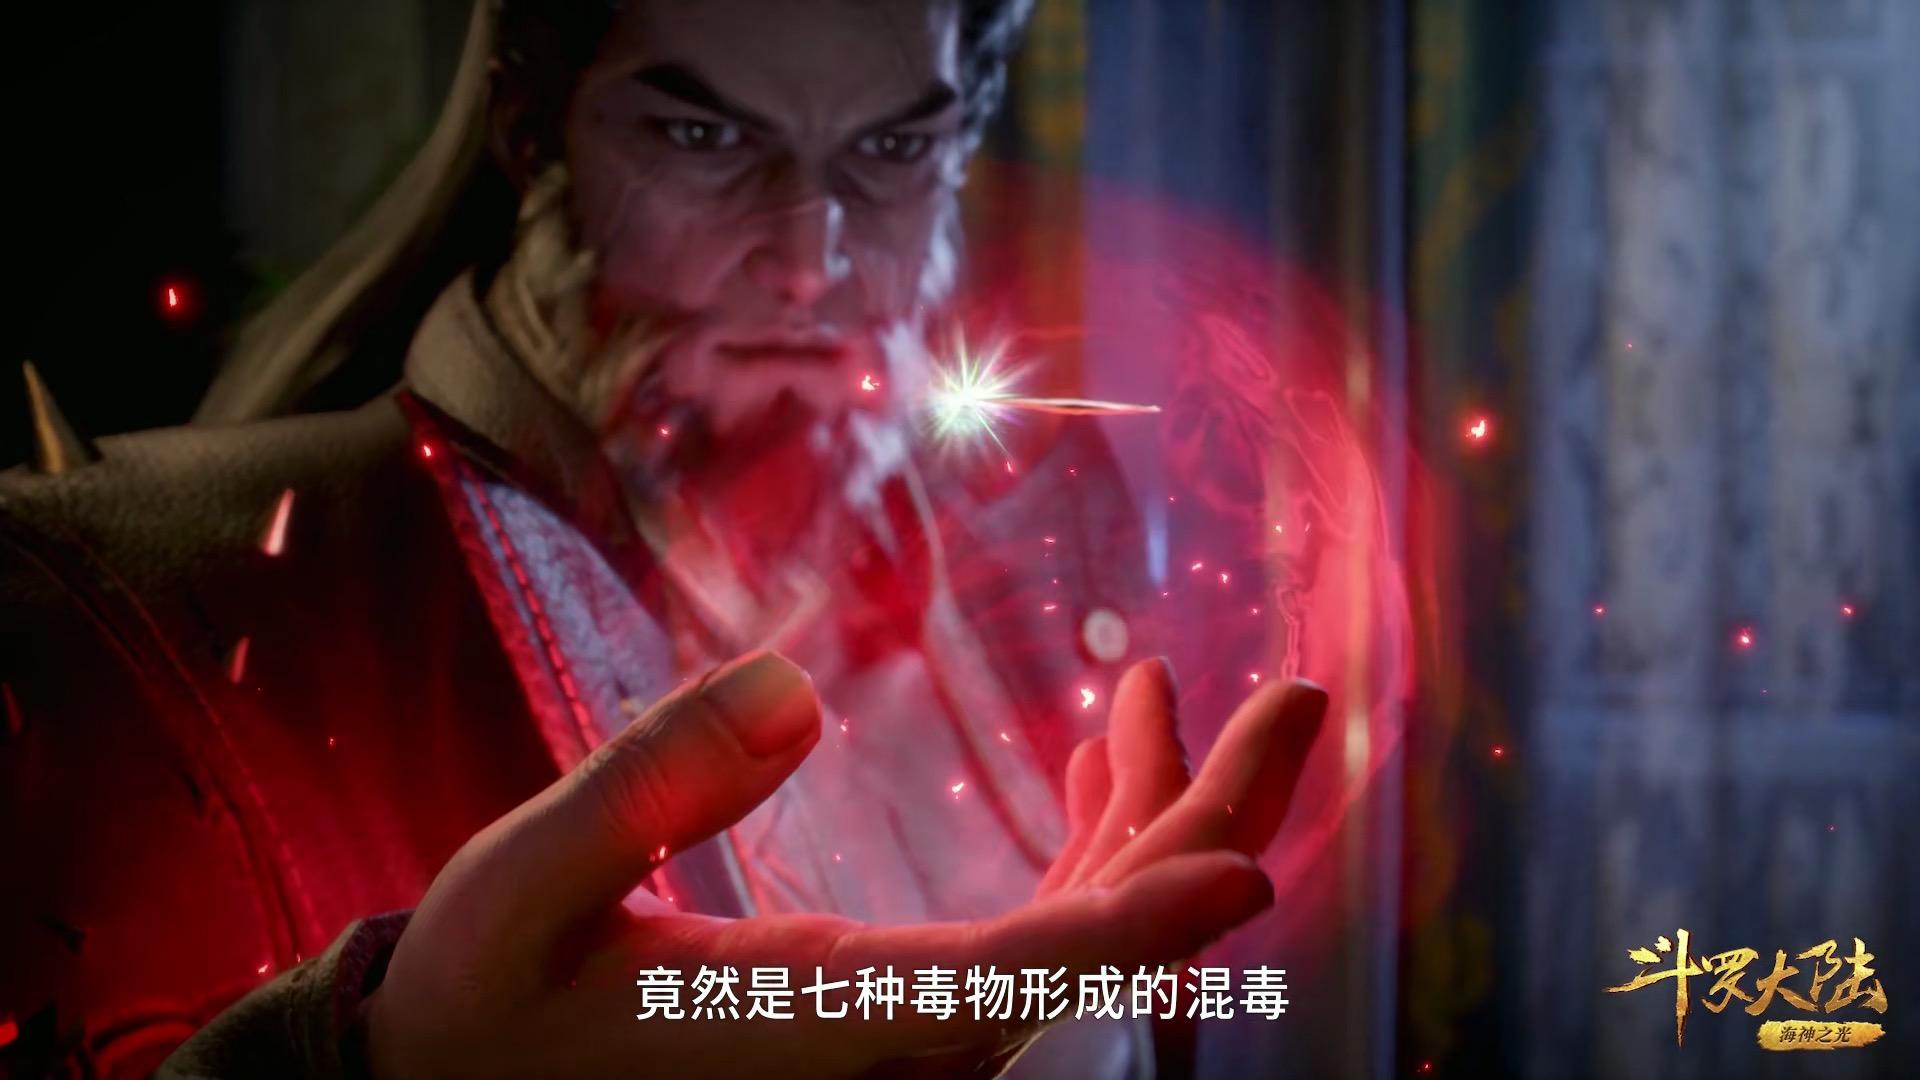 斗罗年夜陆:唐三带队困绕,剑、骨斗罗加入战争,千仞雪方案已掉败